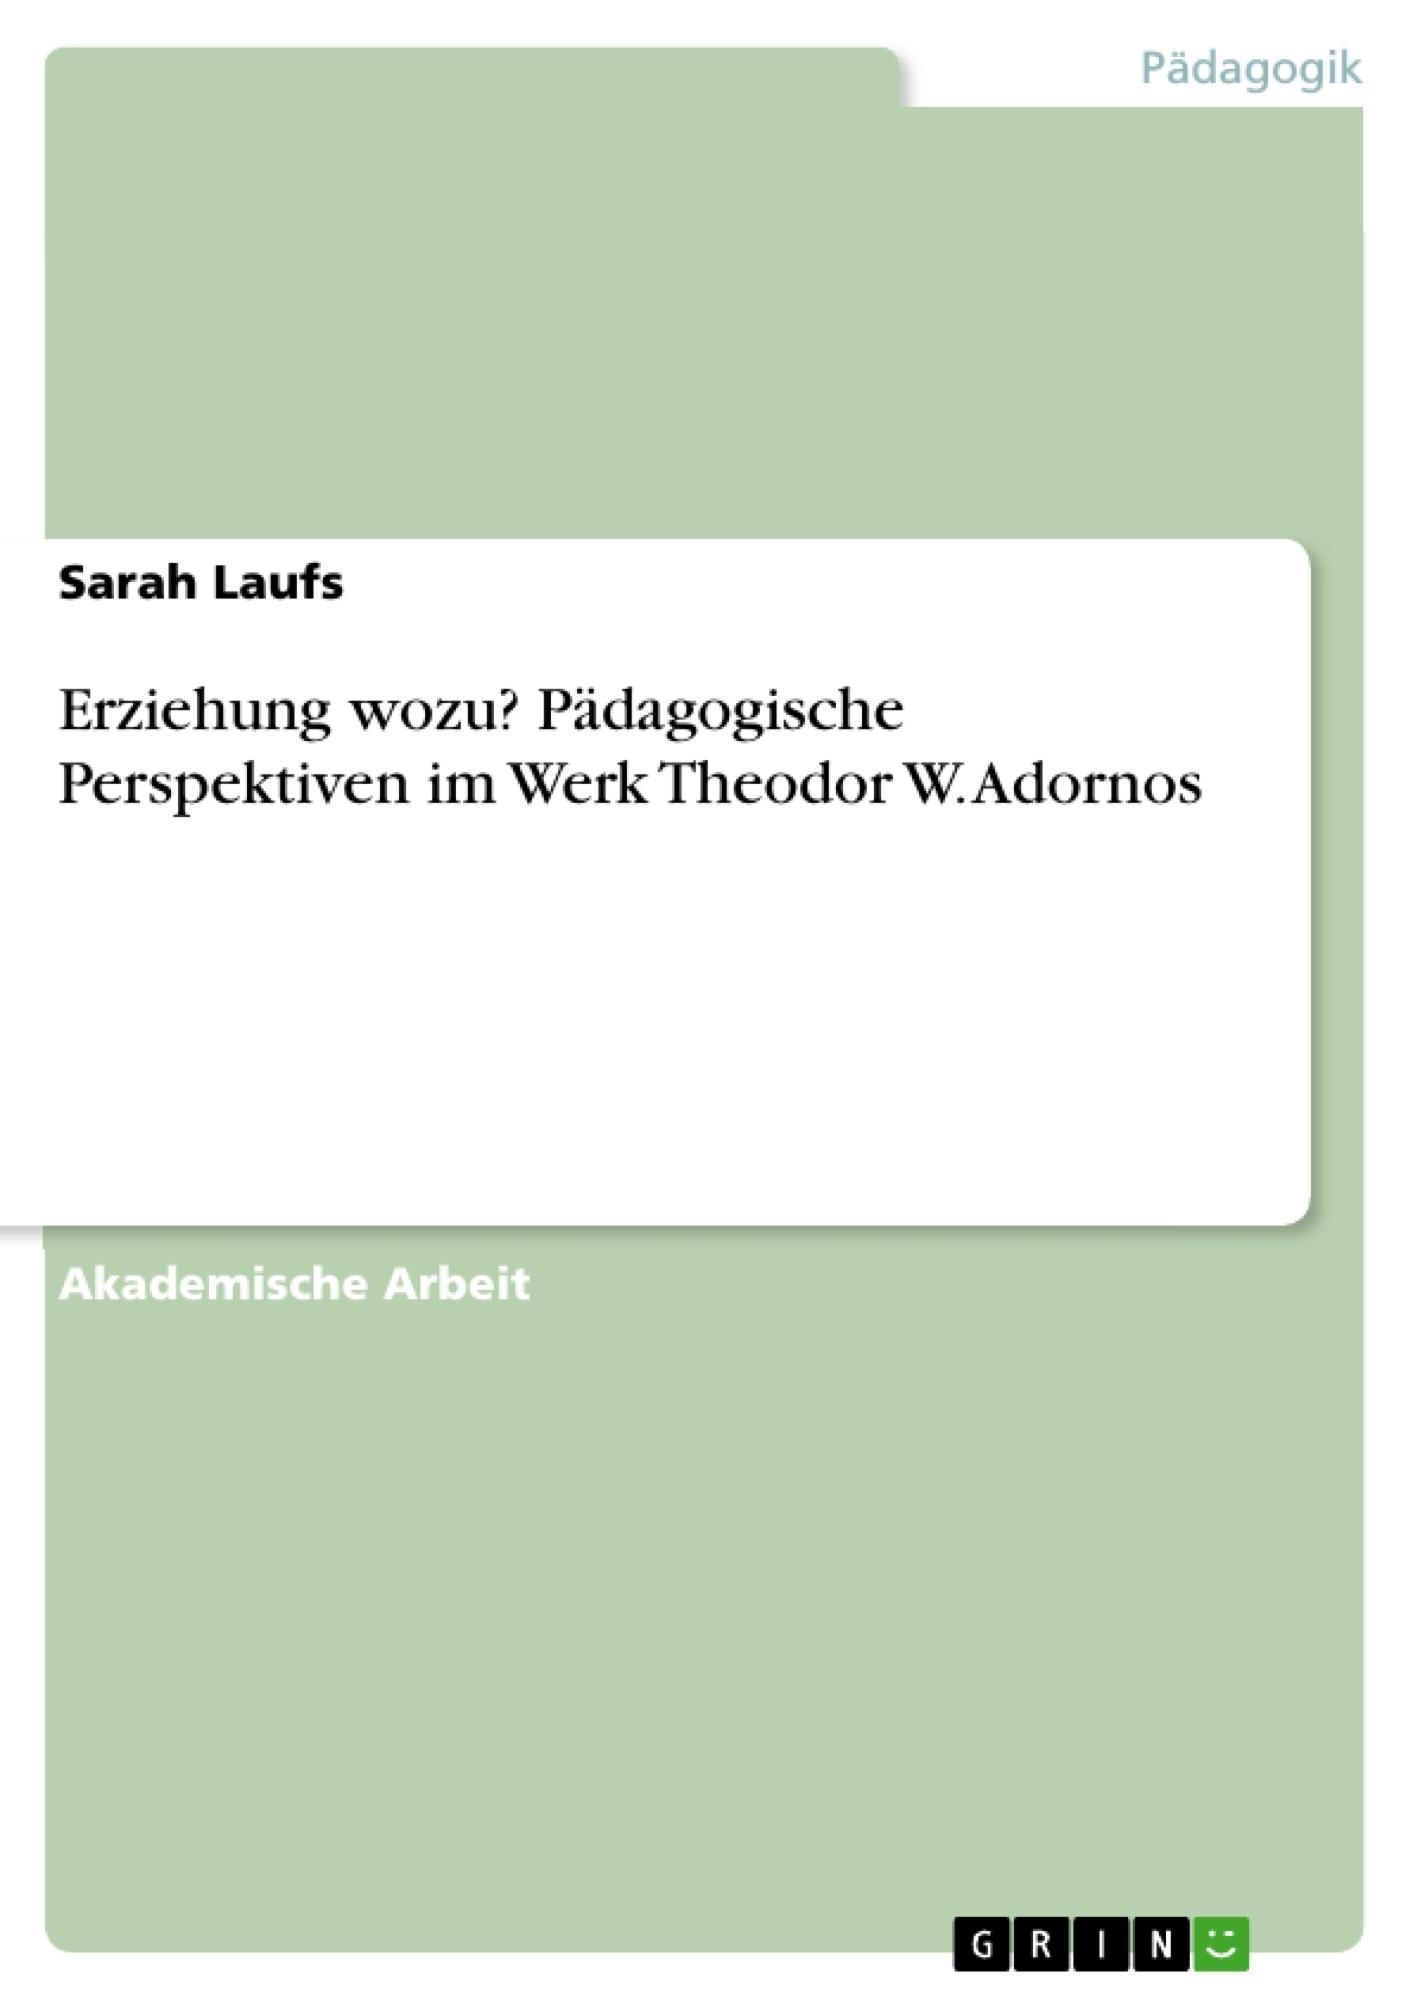 Titel: Erziehung wozu? Pädagogische Perspektiven im Werk Theodor W. Adornos